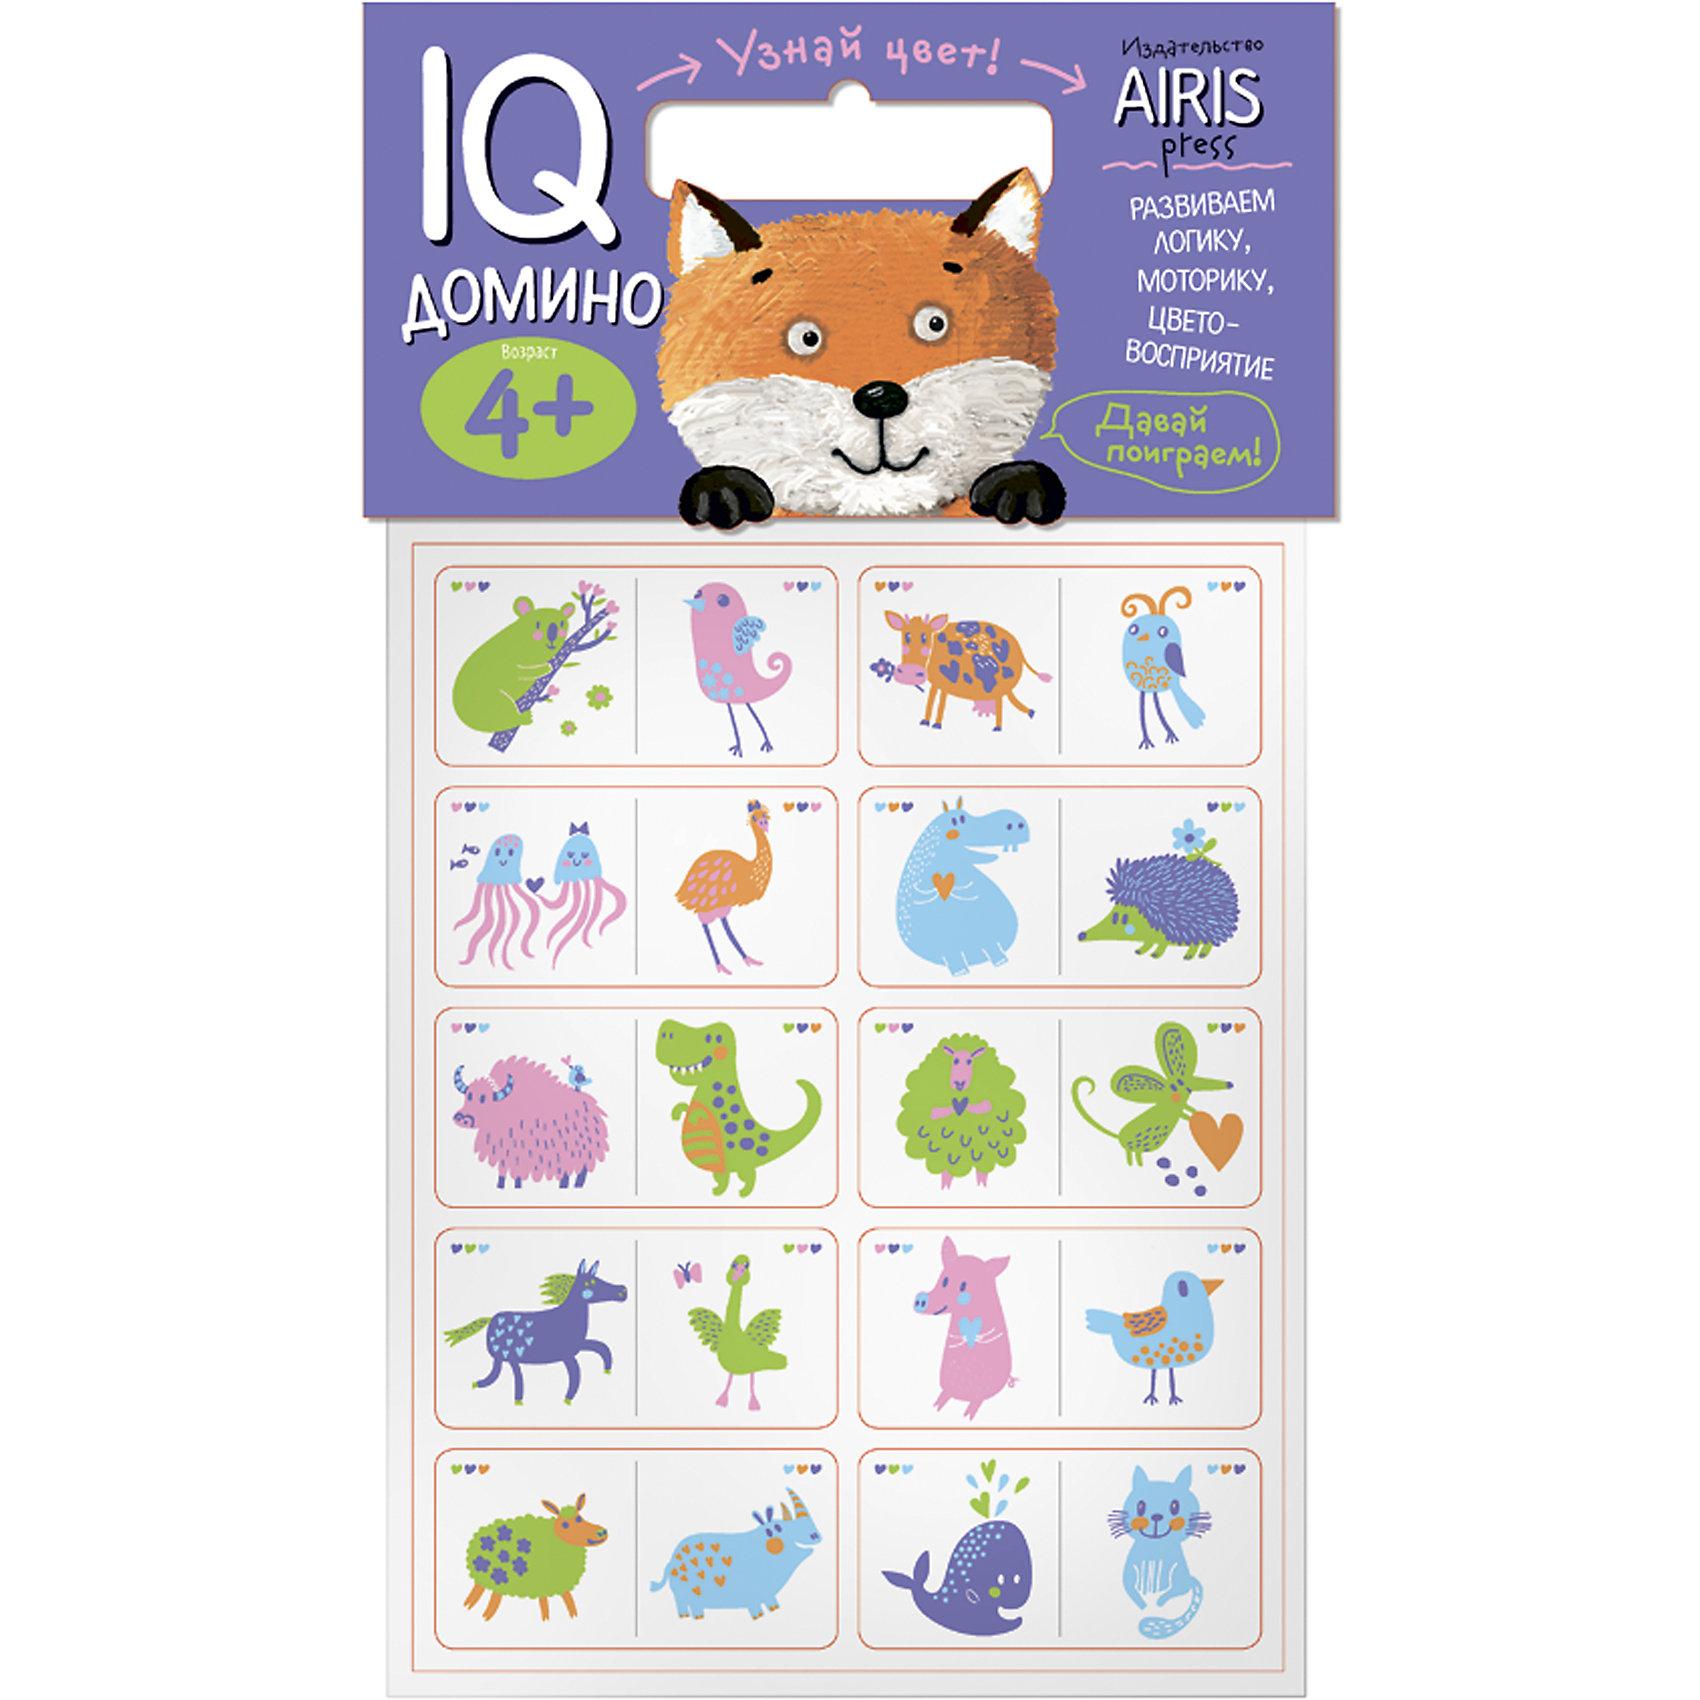 Домино Узнай цветДомино<br>Характеристики товара:<br><br>• возраст: от 4 лет<br>• комплектация: 20 объёмных карточек с цветным изображением животных<br>• автор: Куликова Е.Н.<br>• производитель: Айрис-пресс<br>• серия: IQ игры<br>• материал: EVA<br>• упаковка: пакет с хедером.<br>• размер упаковки: 22,5х17,5х2 см.<br>• вес: 66 гр.<br><br>Домино «Узнай цвет!» – это увлекательная настольная игра для тренировки способности ребёнка к восприятию цвета и цветовых сочетаний, развития воображения, логического мышления и моторики.<br><br>Набор состоит из 20 объёмных карточек с цветным изображением животных. Карточки сделаны из мягкого, прочного и безопасного материала EVA. Они удобно ложатся в детскую руку, в отличие от картонных прекрасно сохраняют форму и отлично подходят для настольных познавательных игр.<br><br>Цель игры - правильно разместить картинки друг за другом. Ребёнок может играть один или привлечь к игре несколько участников. В этом случае победителем становится тот, кто первым разложит все свои карточки.<br><br>На упаковке набора даётся описание, как играть с мягкими карточками-фишками.<br><br>Домино Узнай цвет можно купить в нашем интернет-магазине.<br><br>Ширина мм: 20<br>Глубина мм: 175<br>Высота мм: 225<br>Вес г: 66<br>Возраст от месяцев: 48<br>Возраст до месяцев: 72<br>Пол: Унисекс<br>Возраст: Детский<br>SKU: 6849519